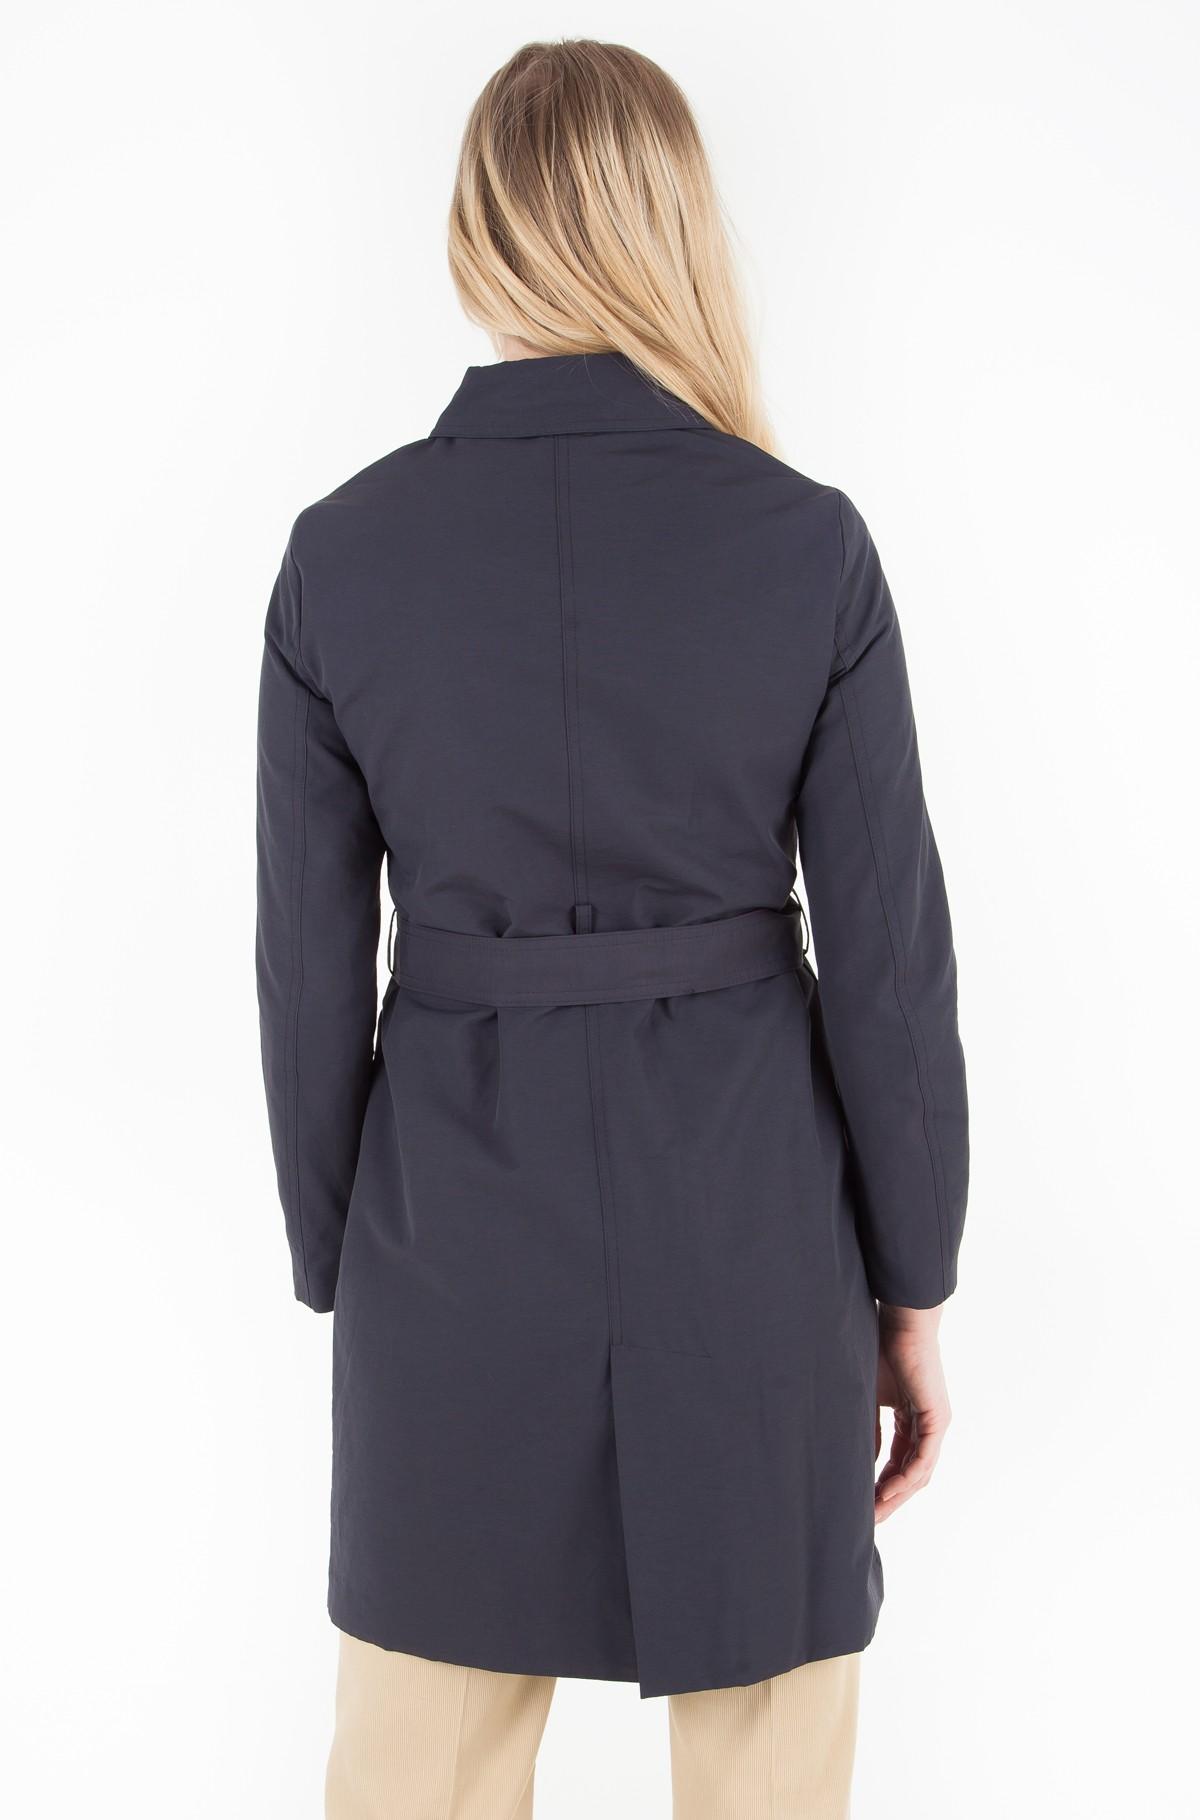 Mantel Decorare-full-2